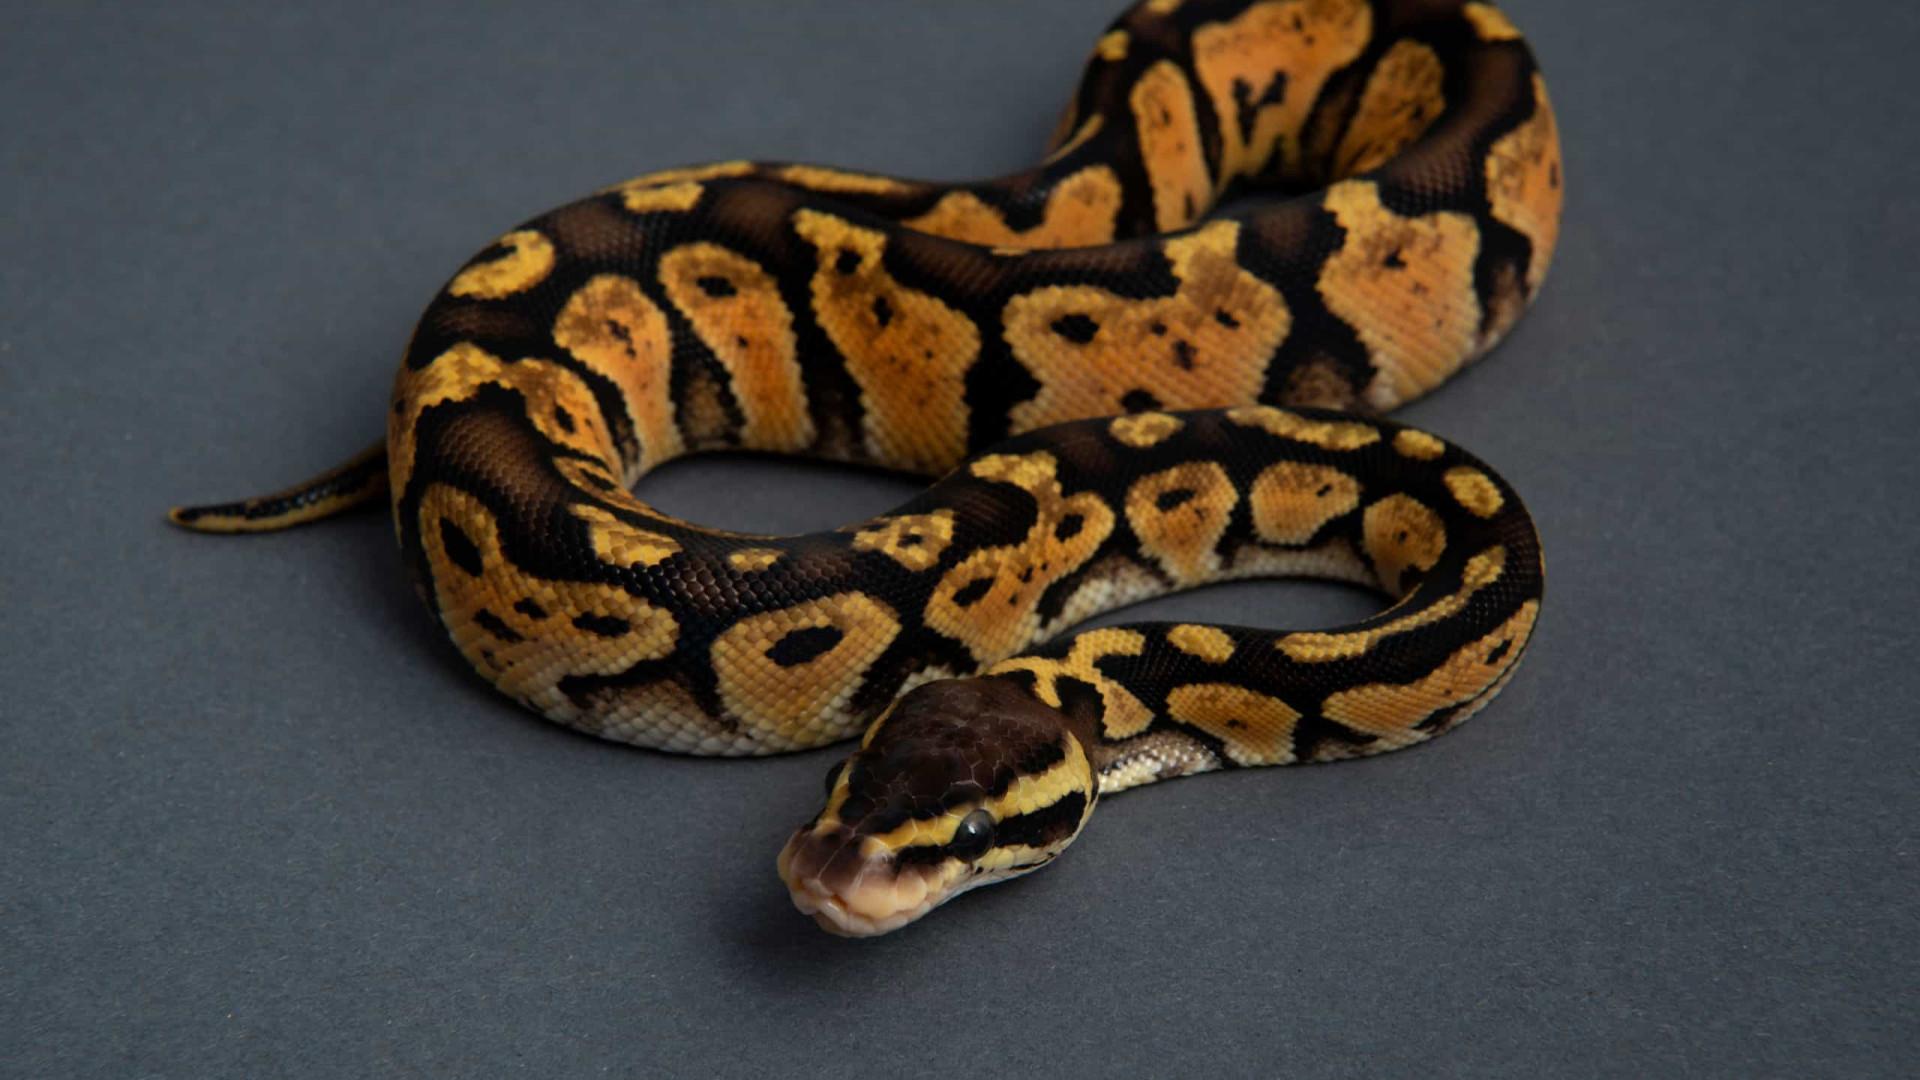 Cobra píton fêmea ataca cuidador no rosto para proteger ovos